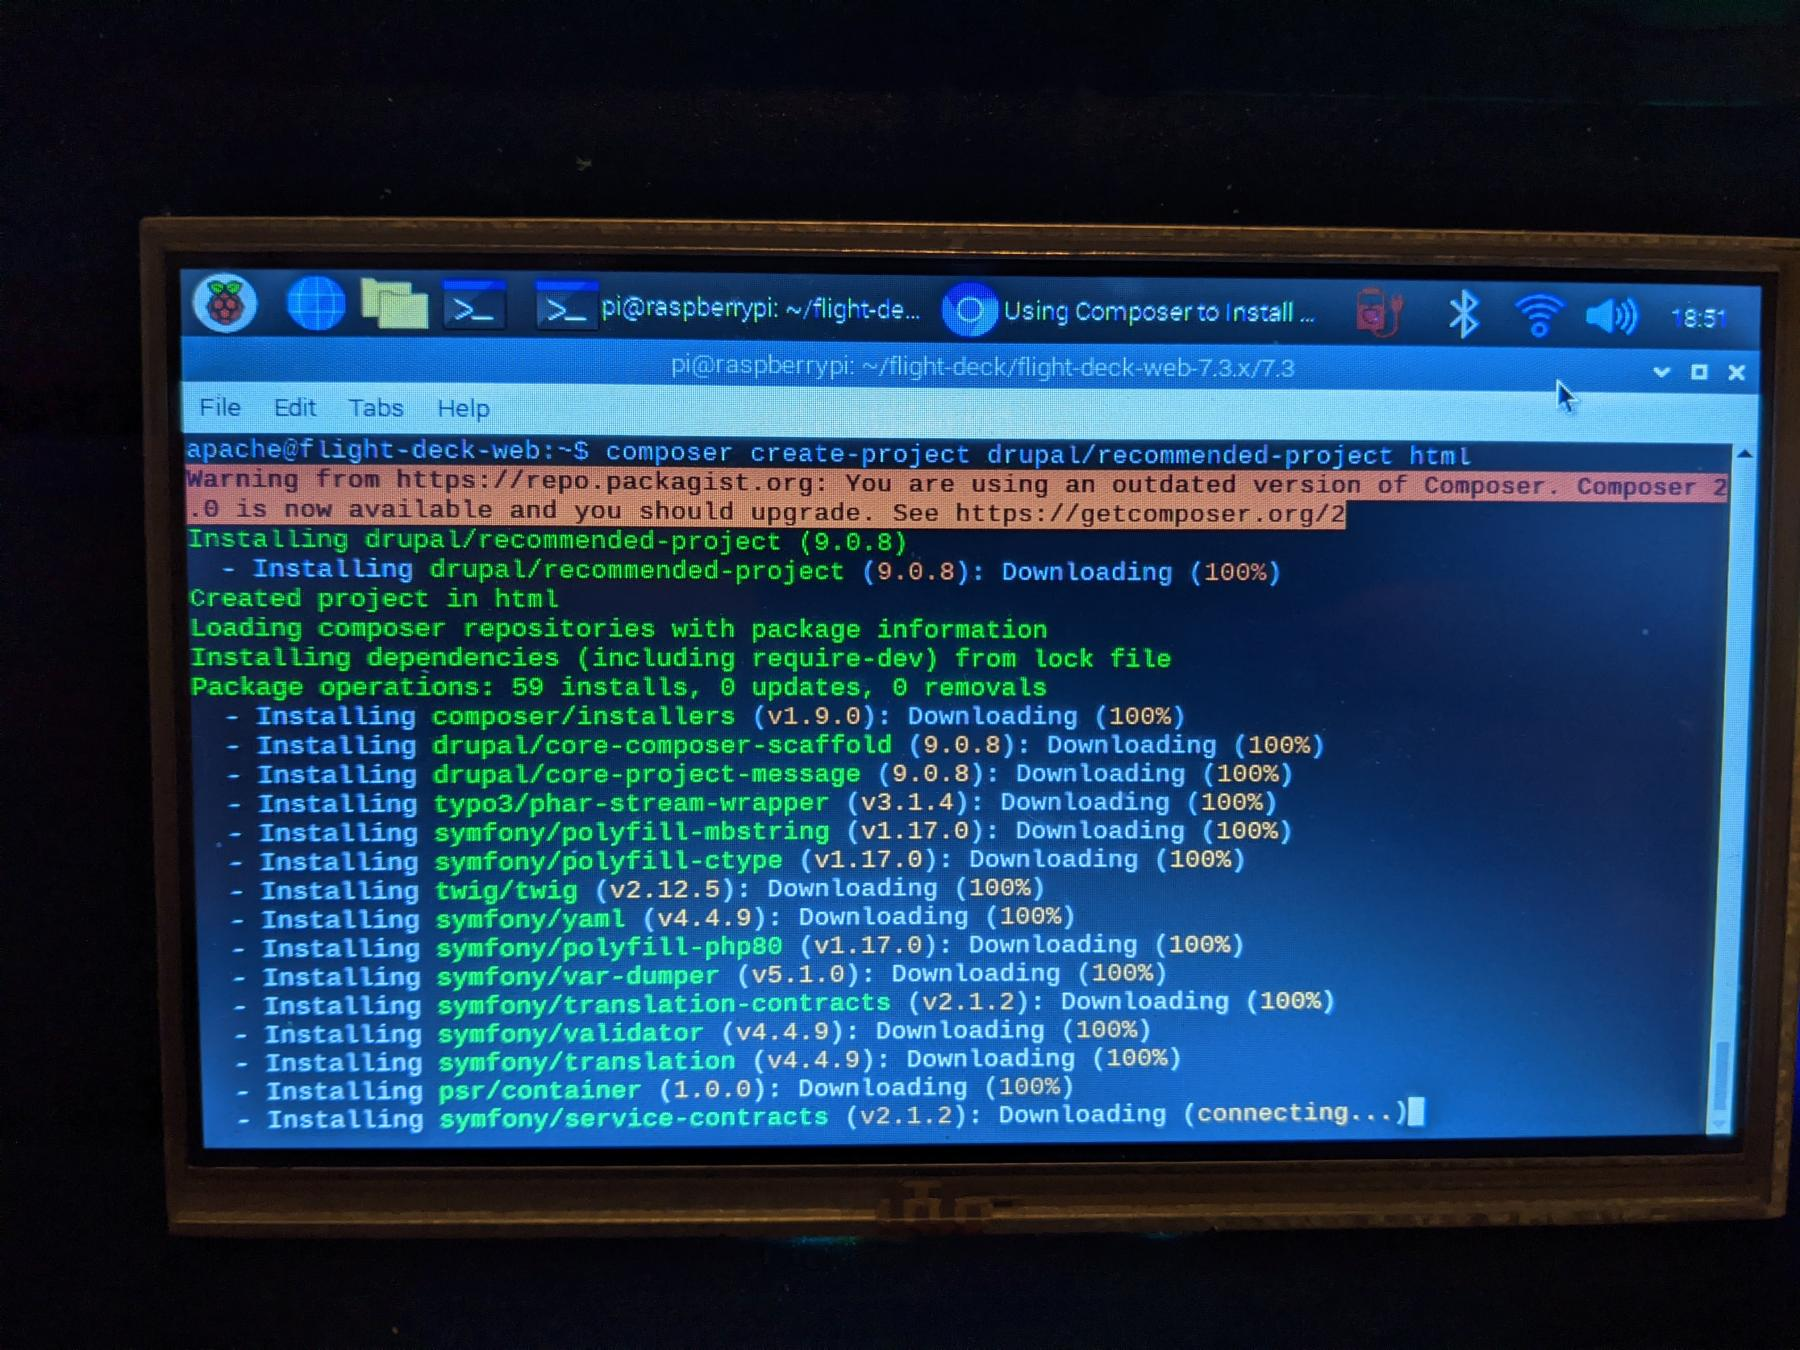 Download Drupal Core